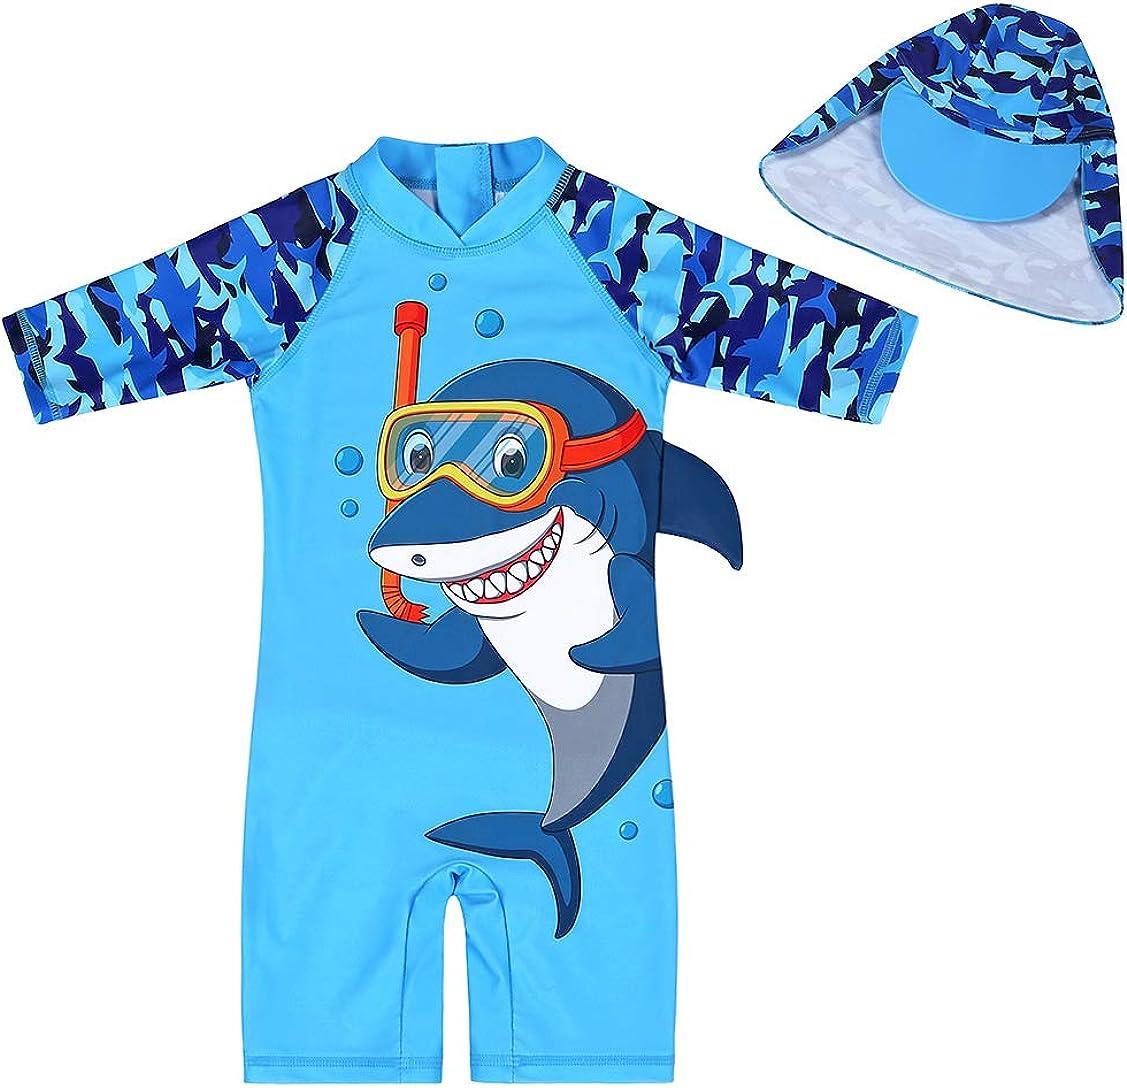 AmzBarley Protezione Solare UV Costume da Bagno per Bambini Ragazzo Bambine Ragazza Animale del Fumetto Costumi Estate Mare Spiaggia Vacanza Berretto